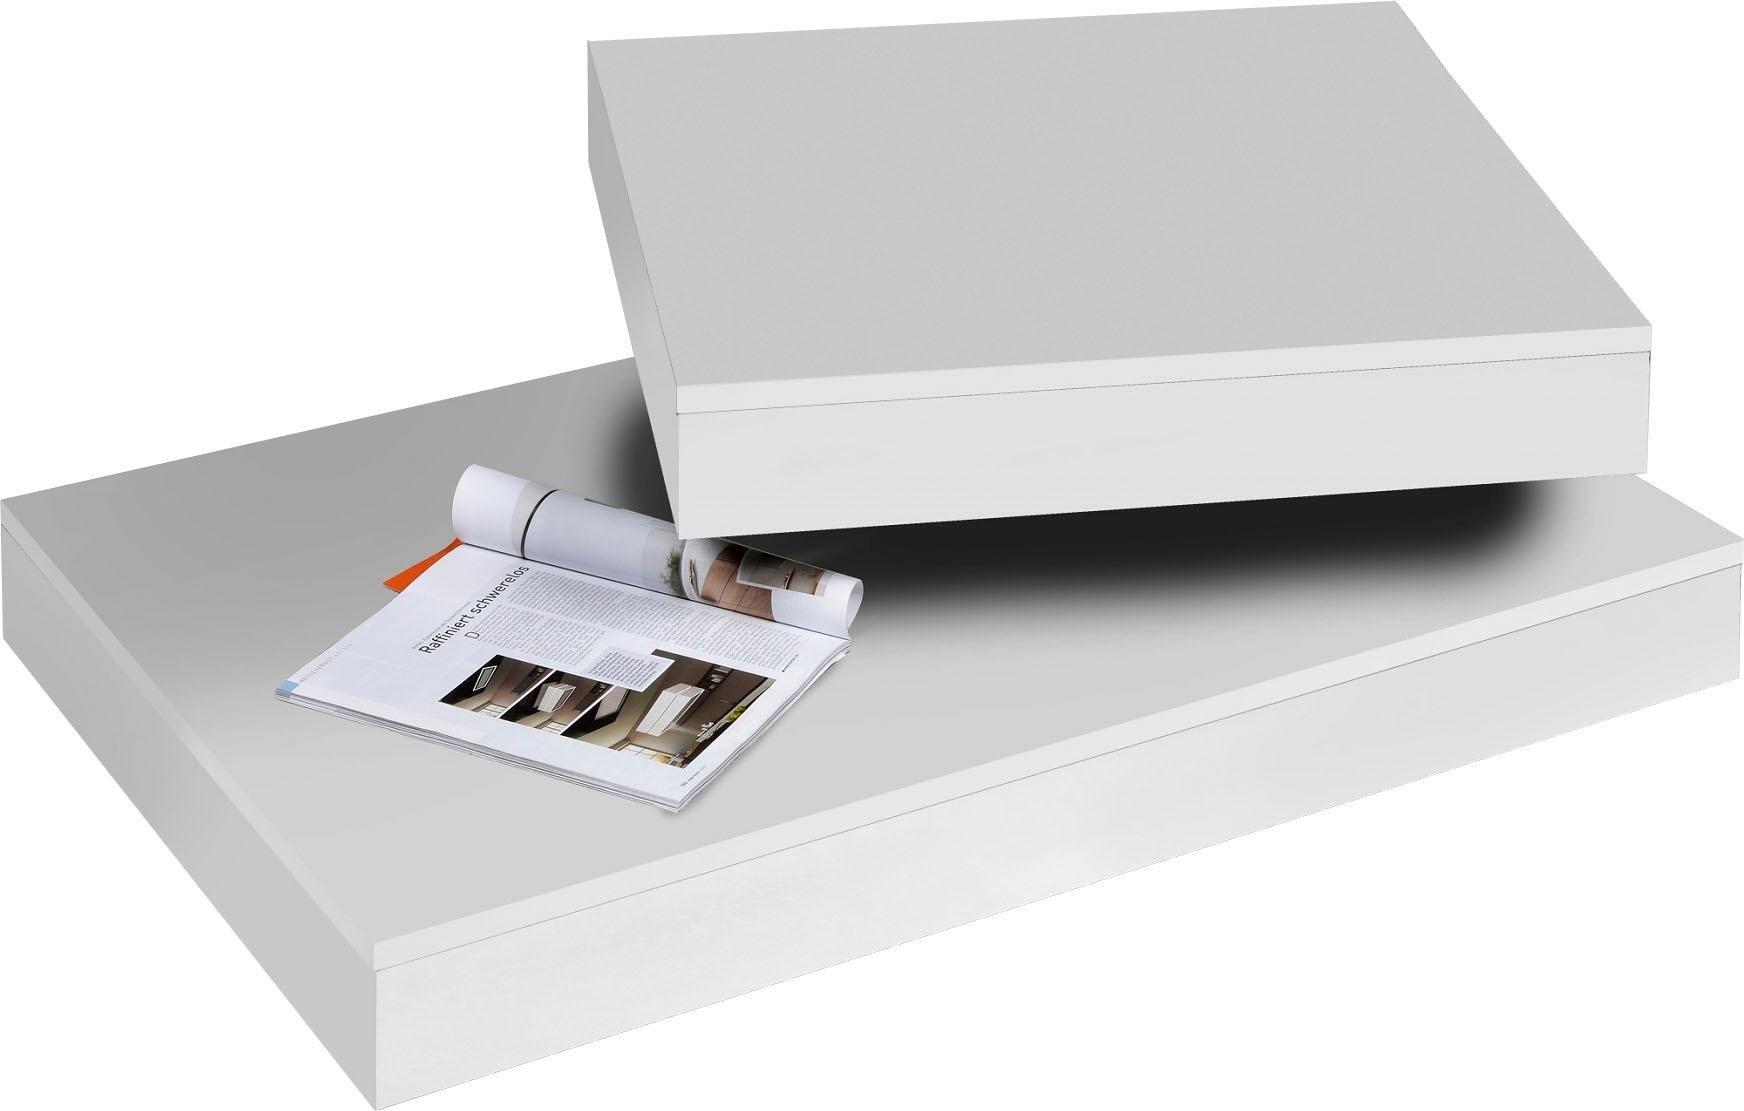 INOSIGN salontafel met functie, draaibaar tafelblad, op wieltjes goedkoop op otto.nl kopen